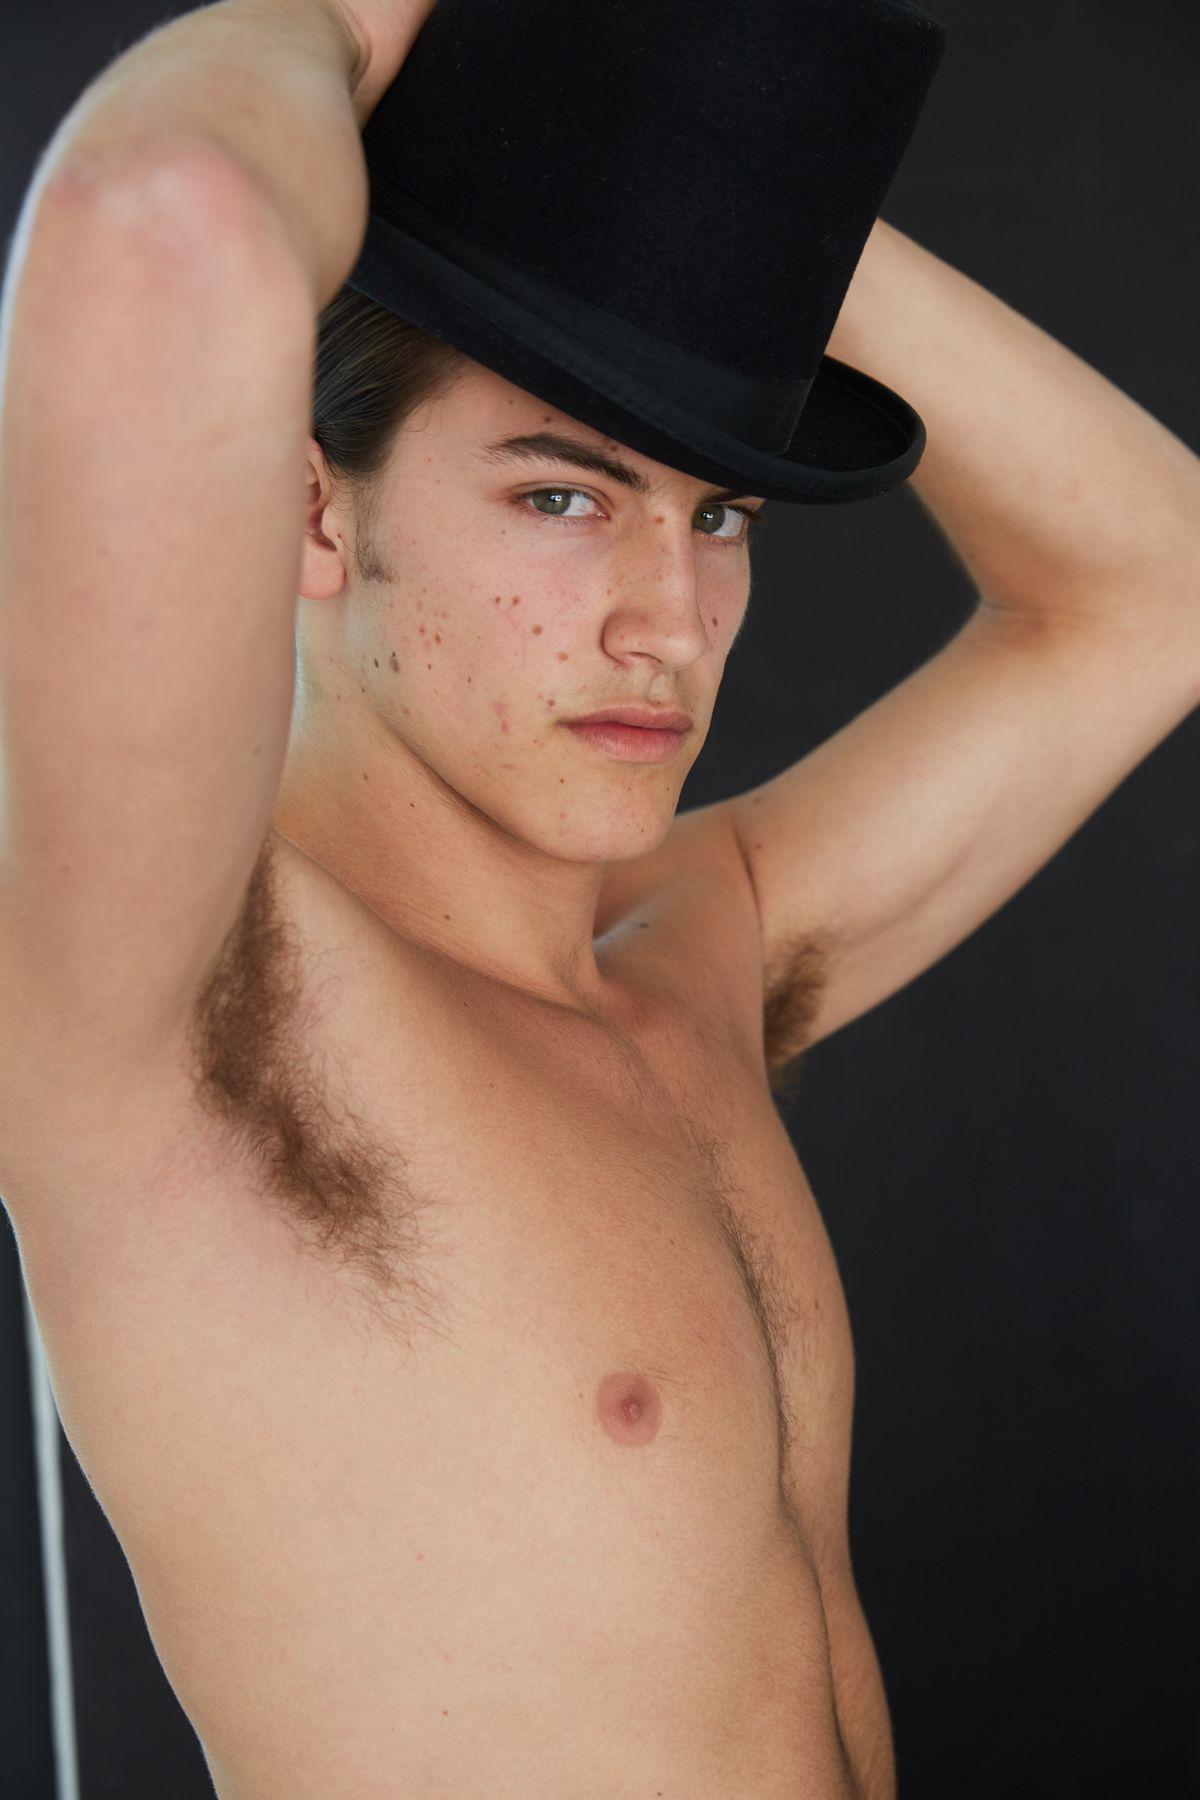 Model Luca De Vico